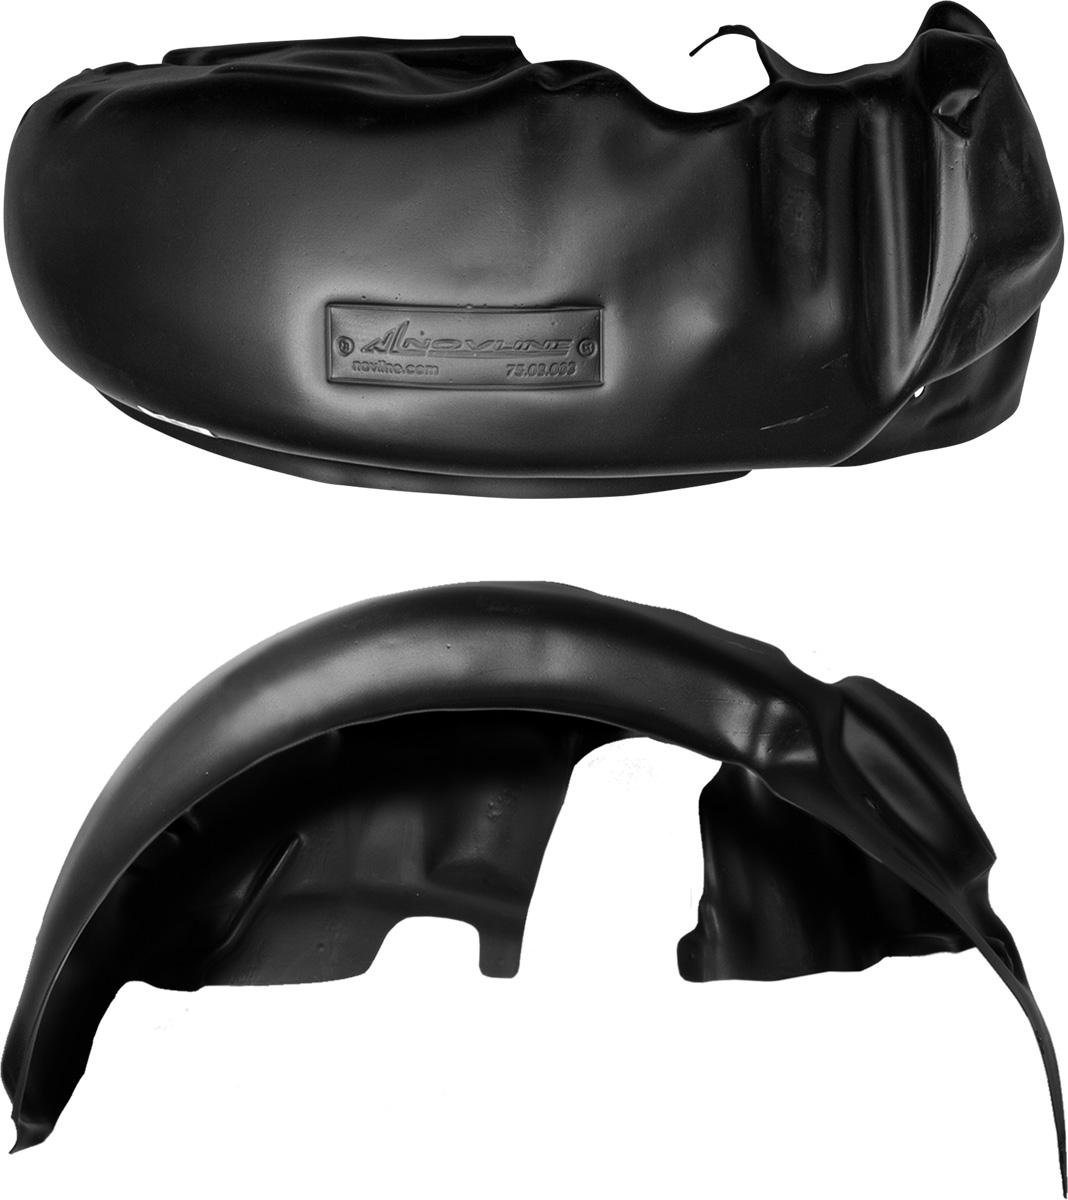 Подкрылок Novline-Autofamily, для Mitsubishi Lancer X, 03/2007->, седан, хэтчбек, задний правыйNLL.35.13.004Колесные ниши - одни из самых уязвимых зон днища вашего автомобиля. Они постоянно подвергаются воздействию со стороны дороги. Лучшая, почти абсолютная защита для них - специально отформованные пластиковые кожухи, которые называются подкрылками. Производятся они как для отечественных моделей автомобилей, так и для иномарок. Подкрылки Novline-Autofamily выполнены из высококачественного, экологически чистого пластика. Обеспечивают надежную защиту кузова автомобиля от пескоструйного эффекта и негативного влияния, агрессивных антигололедных реагентов. Пластик обладает более низкой теплопроводностью, чем металл, поэтому в зимний период эксплуатации использование пластиковых подкрылков позволяет лучше защитить колесные ниши от налипания снега и образования наледи. Оригинальность конструкции подчеркивает элегантность автомобиля, бережно защищает нанесенное на днище кузова антикоррозийное покрытие и позволяет осуществить крепление подкрылков внутри колесной арки практически без дополнительного крепежа и сверления, не нарушая при этом лакокрасочного покрытия, что предотвращает возникновение новых очагов коррозии. Подкрылки долговечны, обладают высокой прочностью и сохраняют заданную форму, а также все свои физико-механические характеристики в самых тяжелых климатических условиях (от -50°С до +50°С).Уважаемые клиенты!Обращаем ваше внимание, на тот факт, что подкрылок имеет форму, соответствующую модели данного автомобиля. Фото служит для визуального восприятия товара.